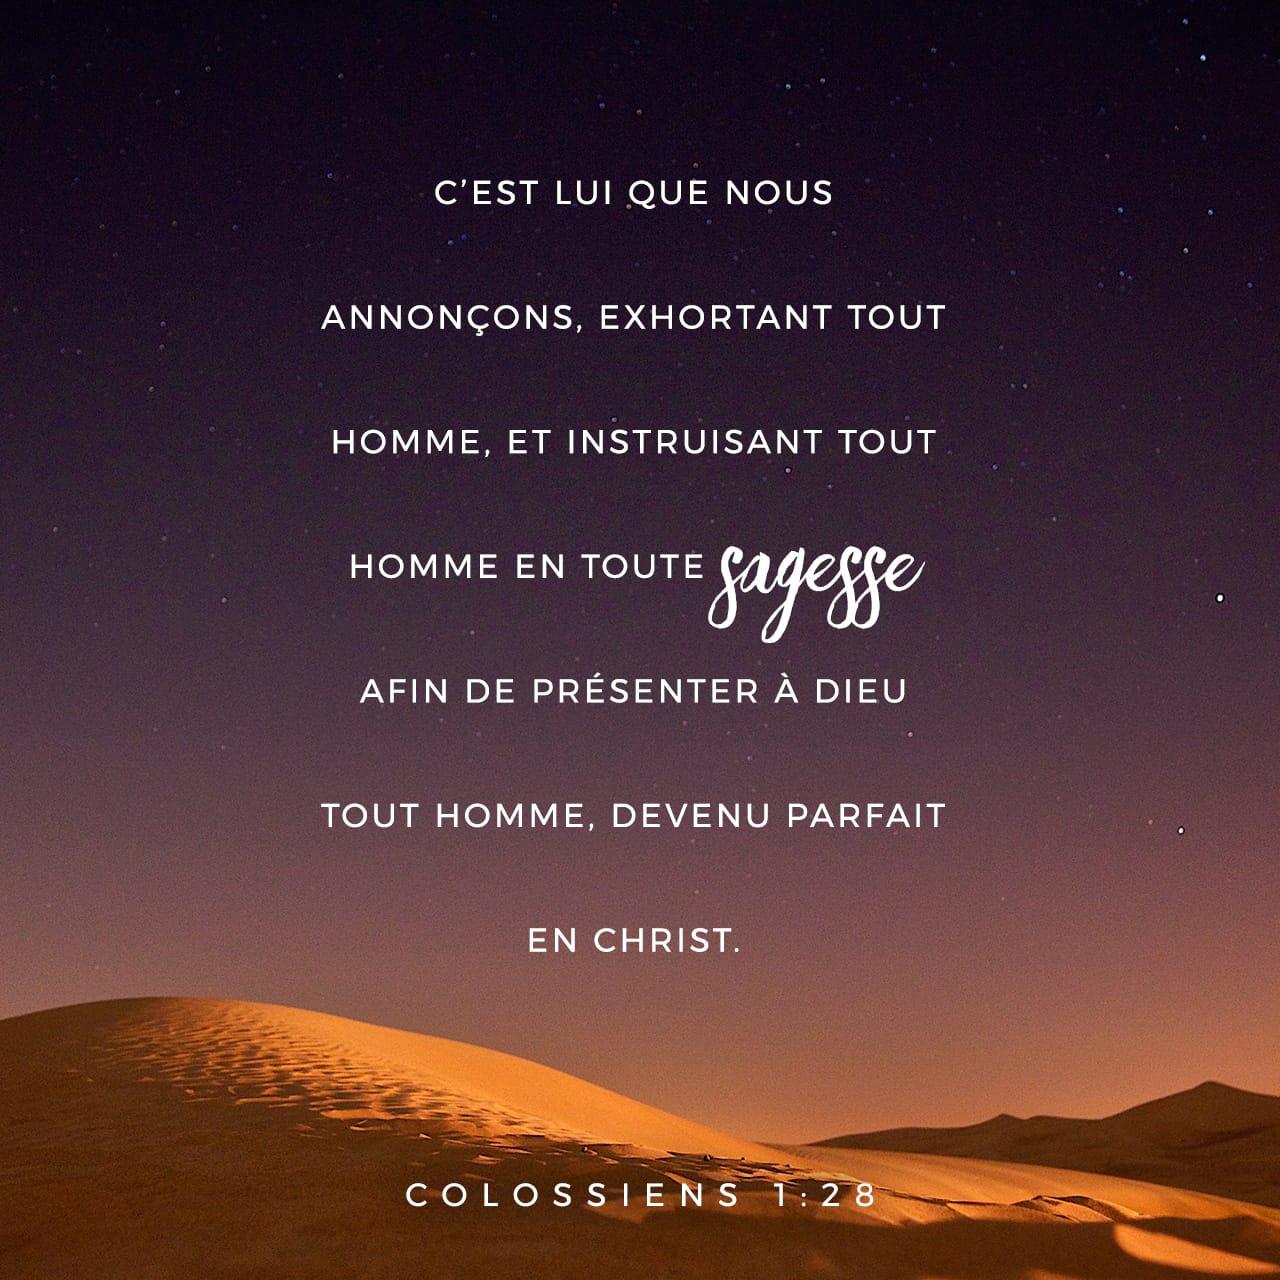 Lettre aux Colossiens 1:24-29 Maintenant, je suis heureux de souffrir pour  vous. En effet, dans mon corps, je continue à participer aux souffrances du  Christ pour son corps, c'est-à-dire pour l'Église. Je